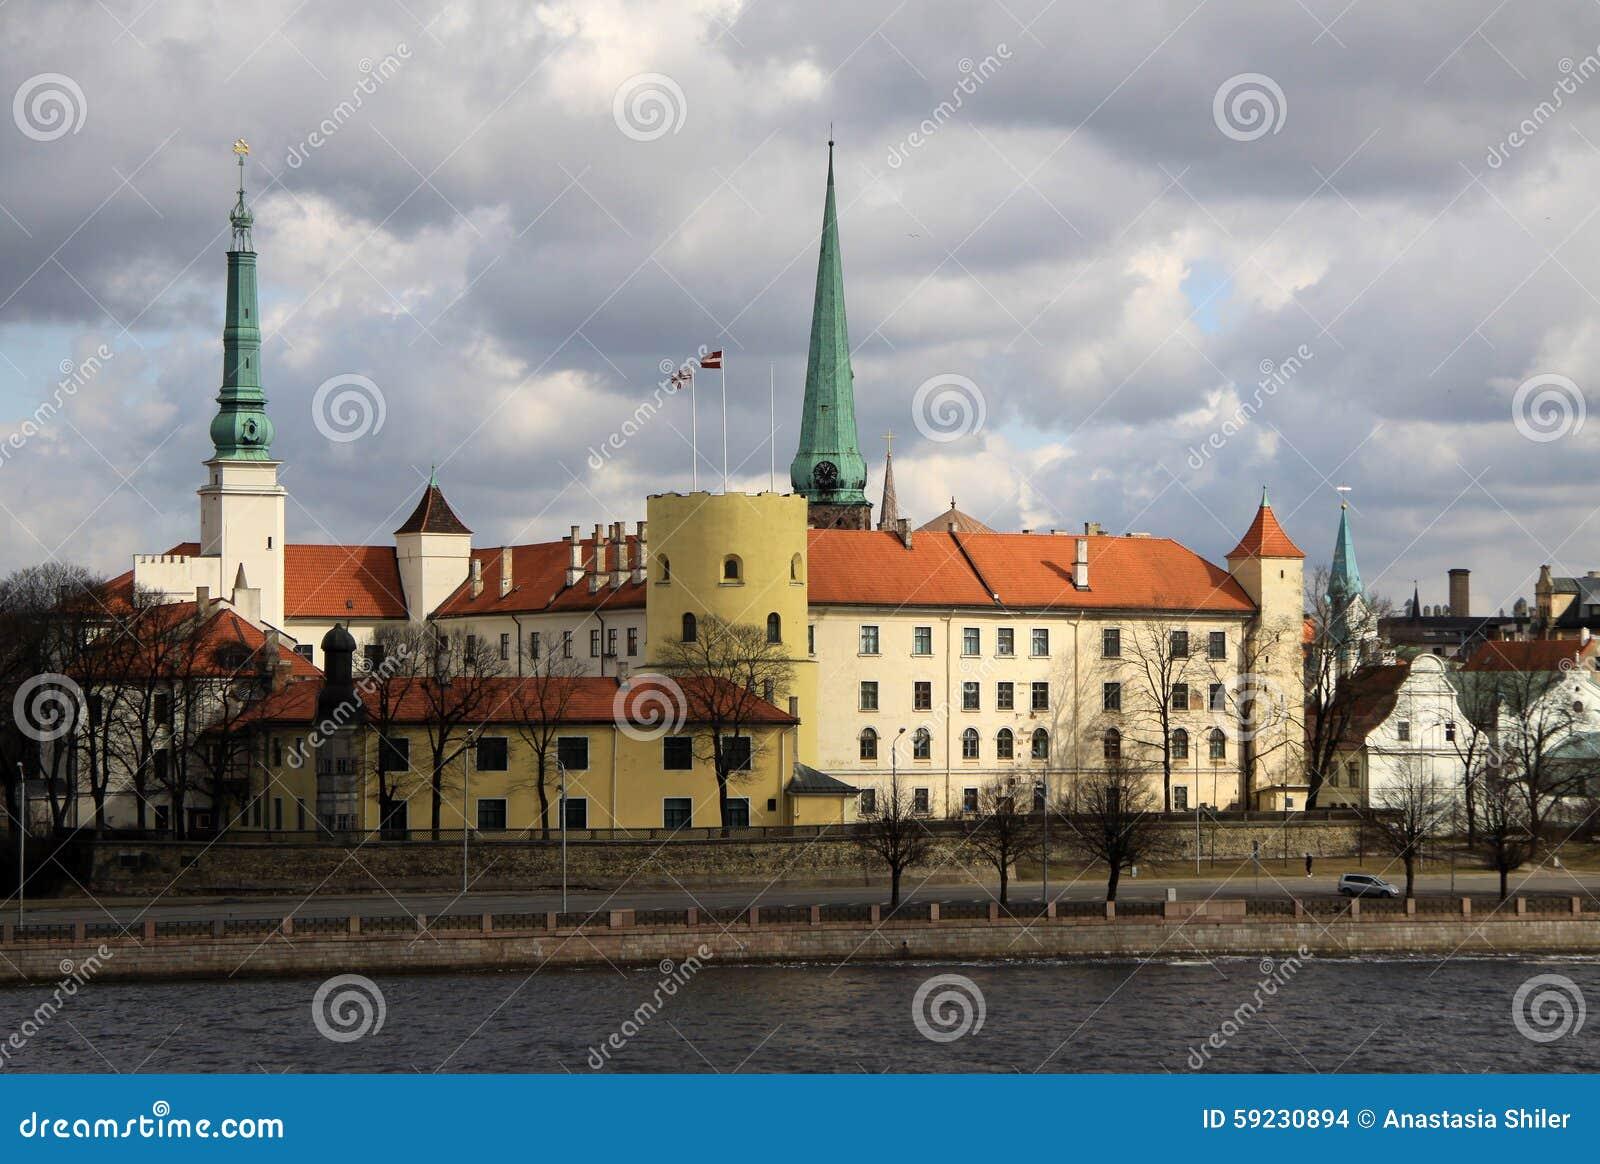 Riga för uppehåll för slottlatvia gammal president town Slotten är en uppehåll för en president av Lettland (gammal stad, Riga, L